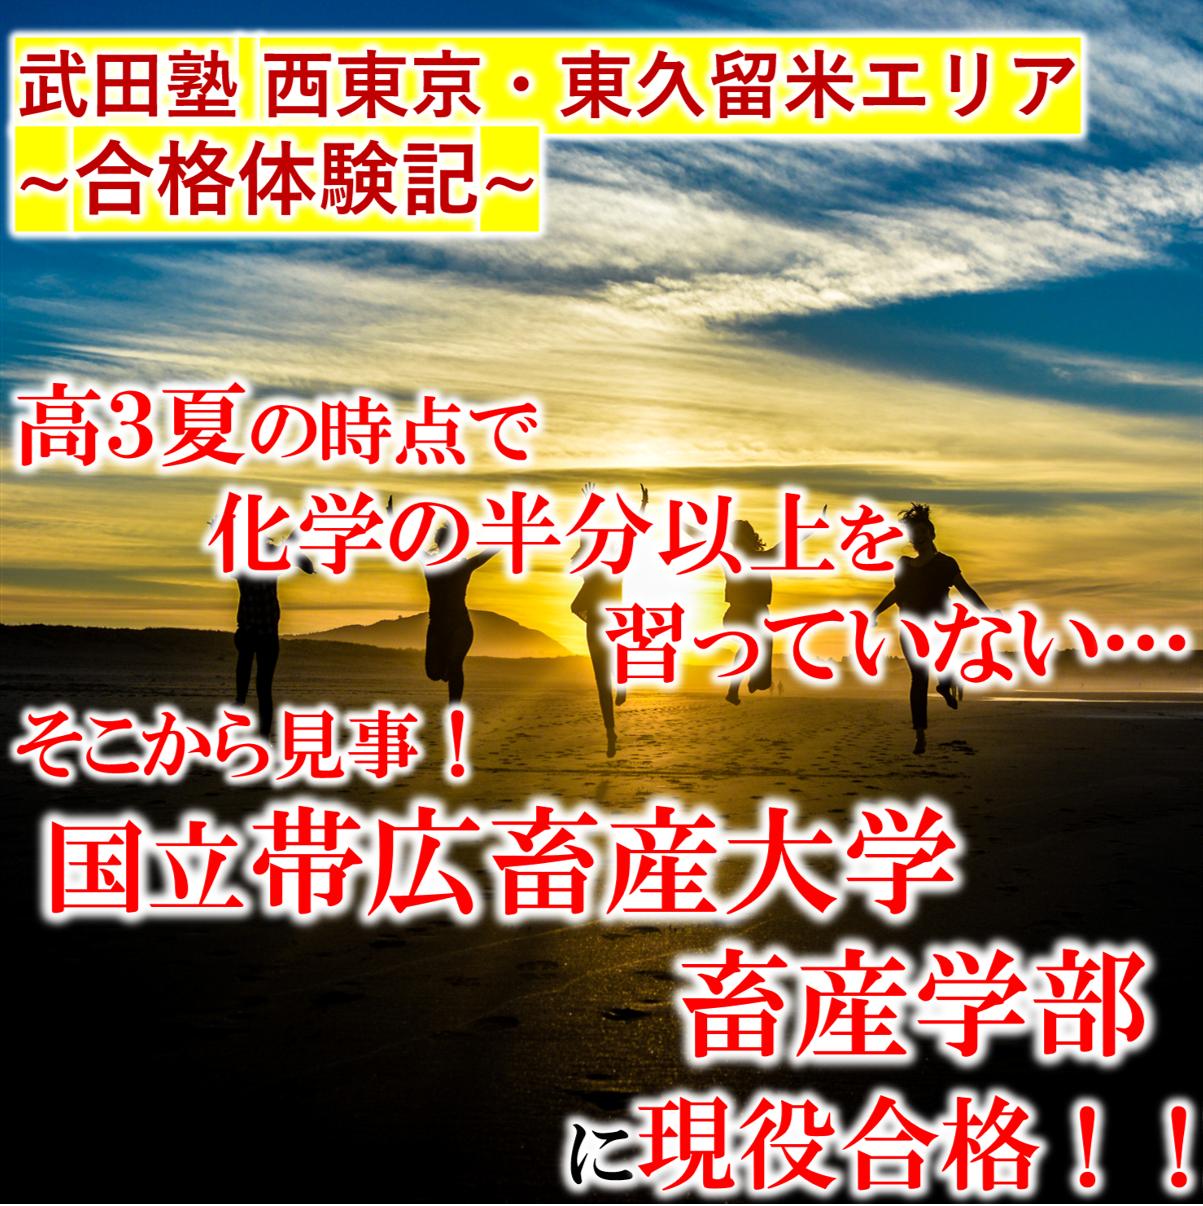 竹田さん(H.Tさん)